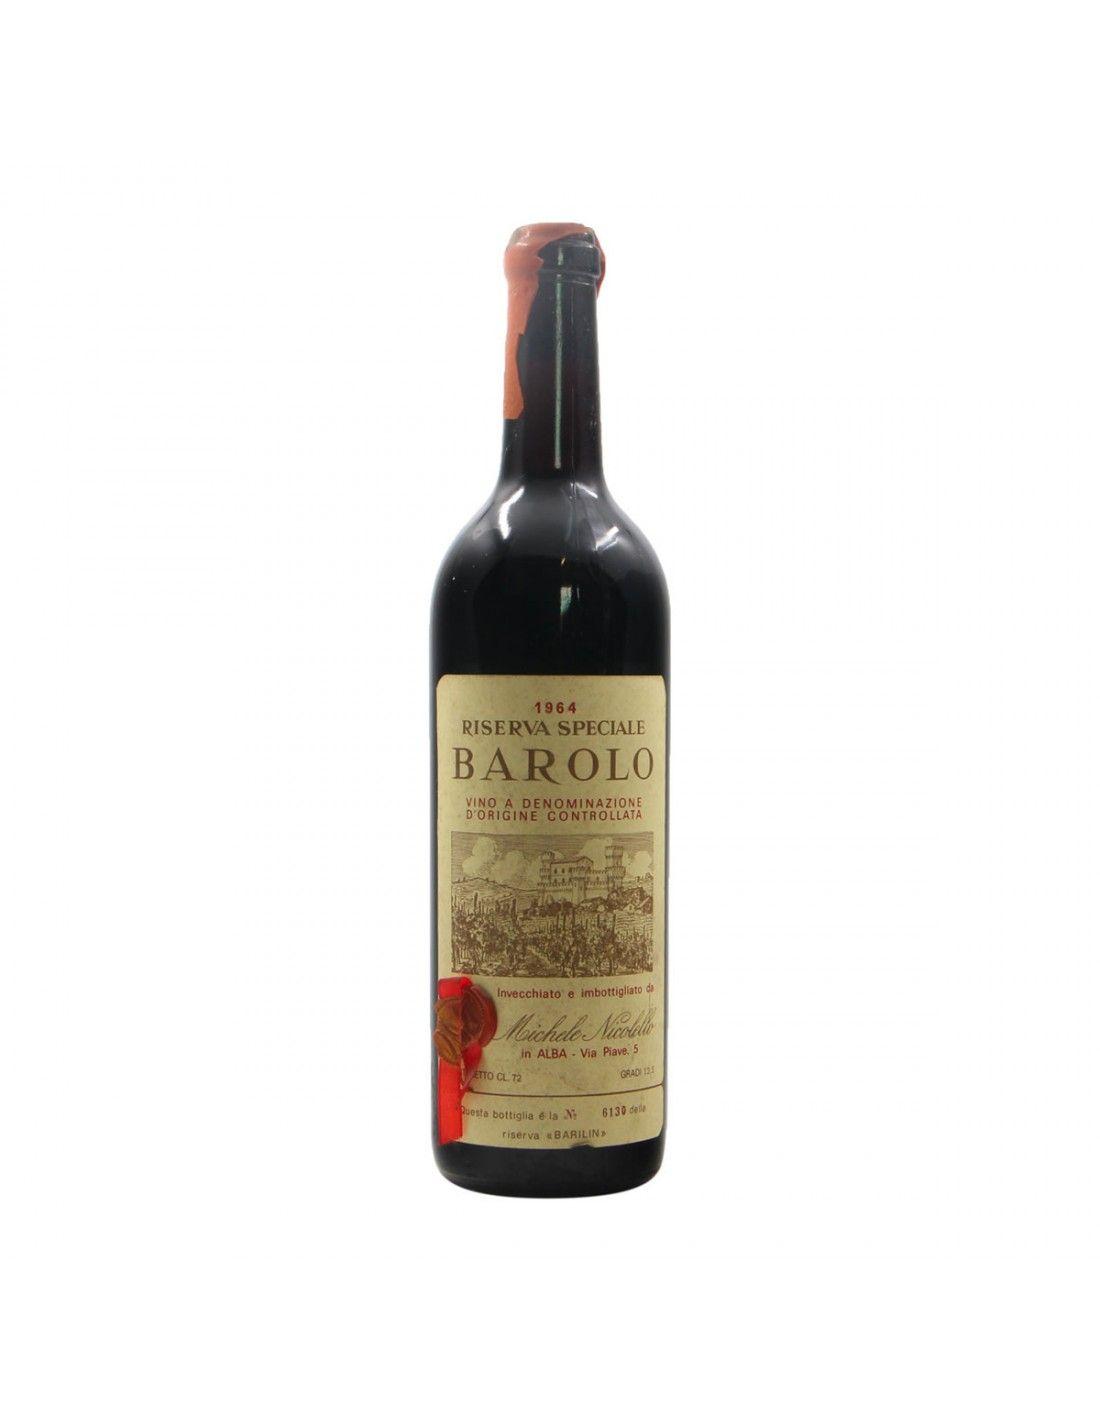 BAROLO RISERVA SPECIALE 1964 NICOLELLO Grandi Bottiglie